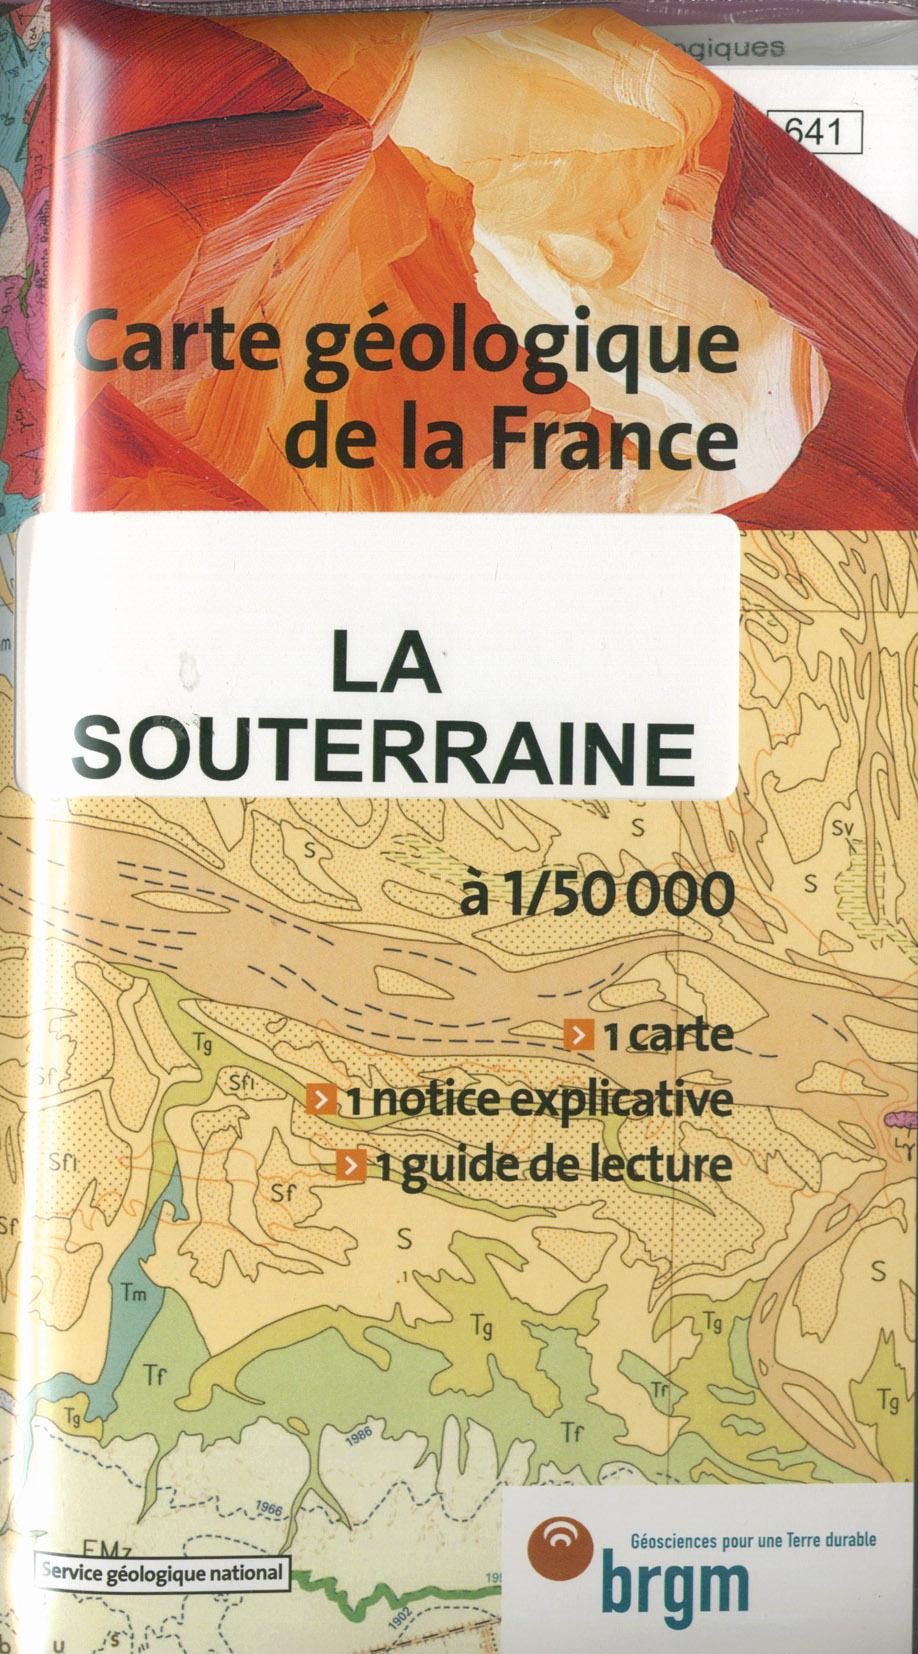 LA SOUTERRAINE 1/50 000 CARTE GEOLOGIQUE